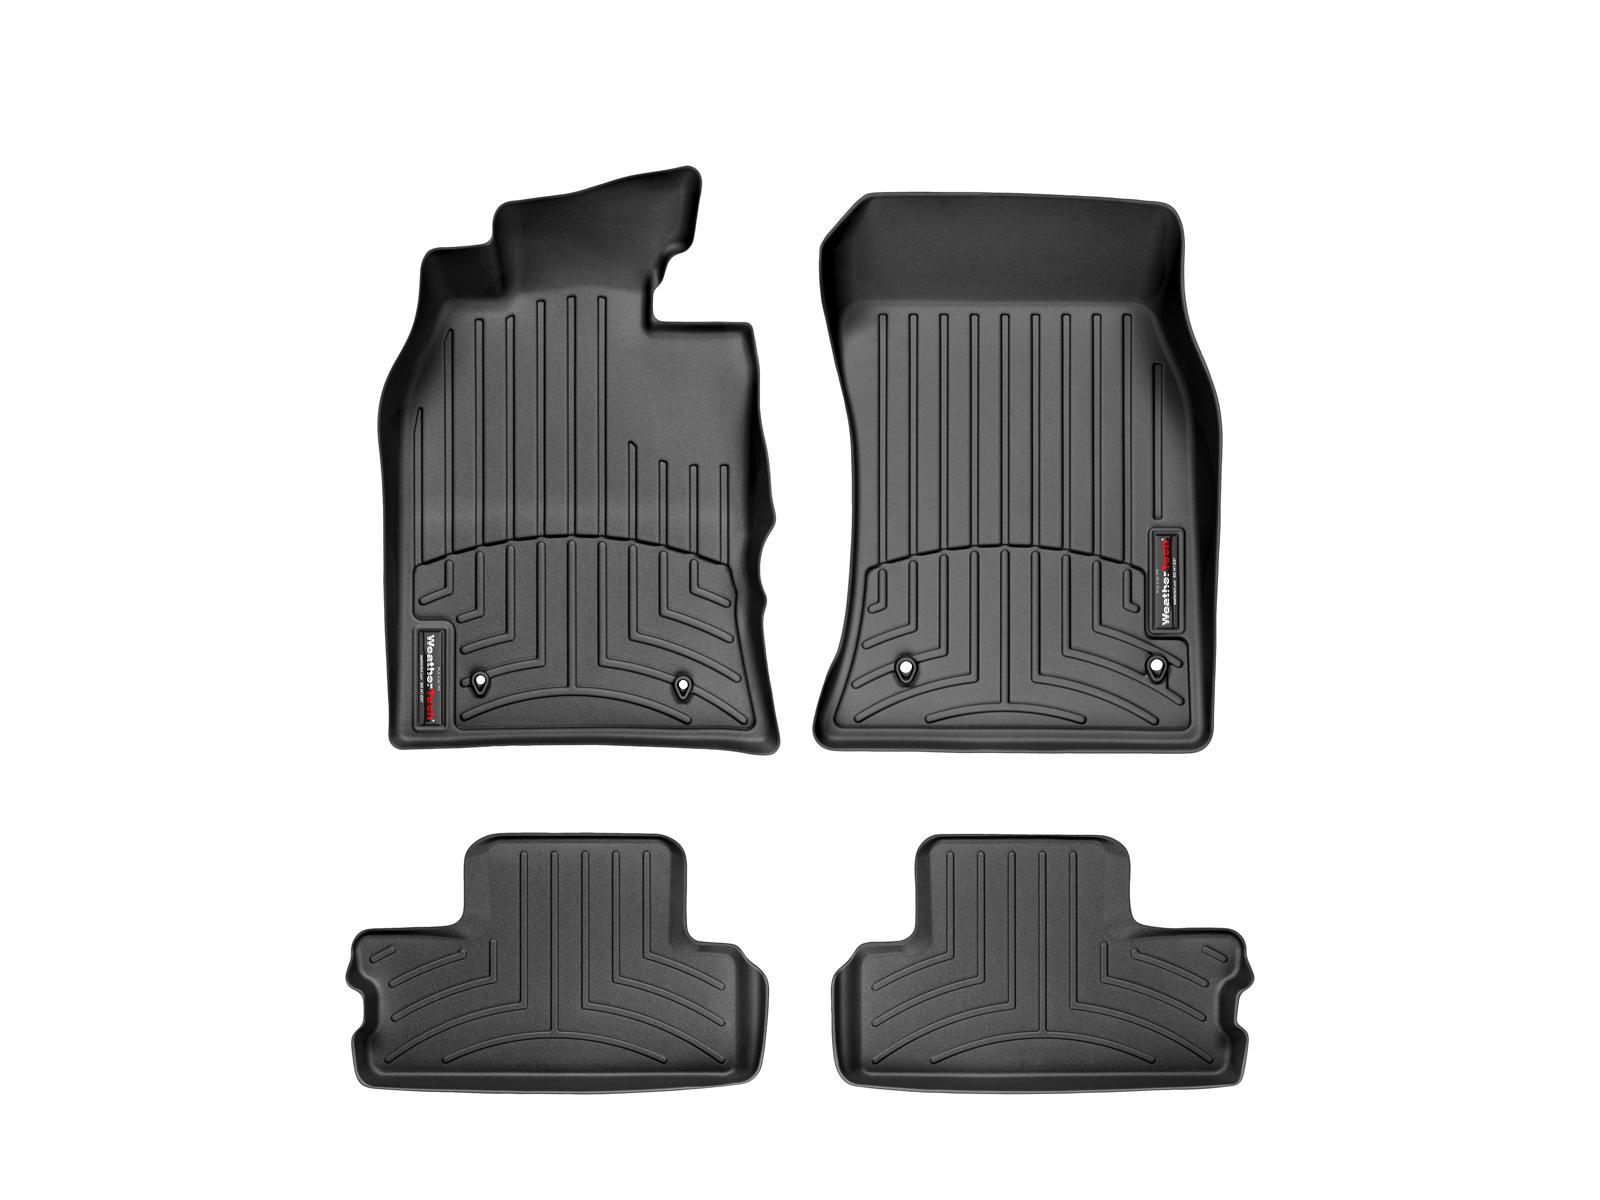 Tappeti gomma su misura bordo alto MINI Cooper / Cooper S 02>06 Nero A2667*